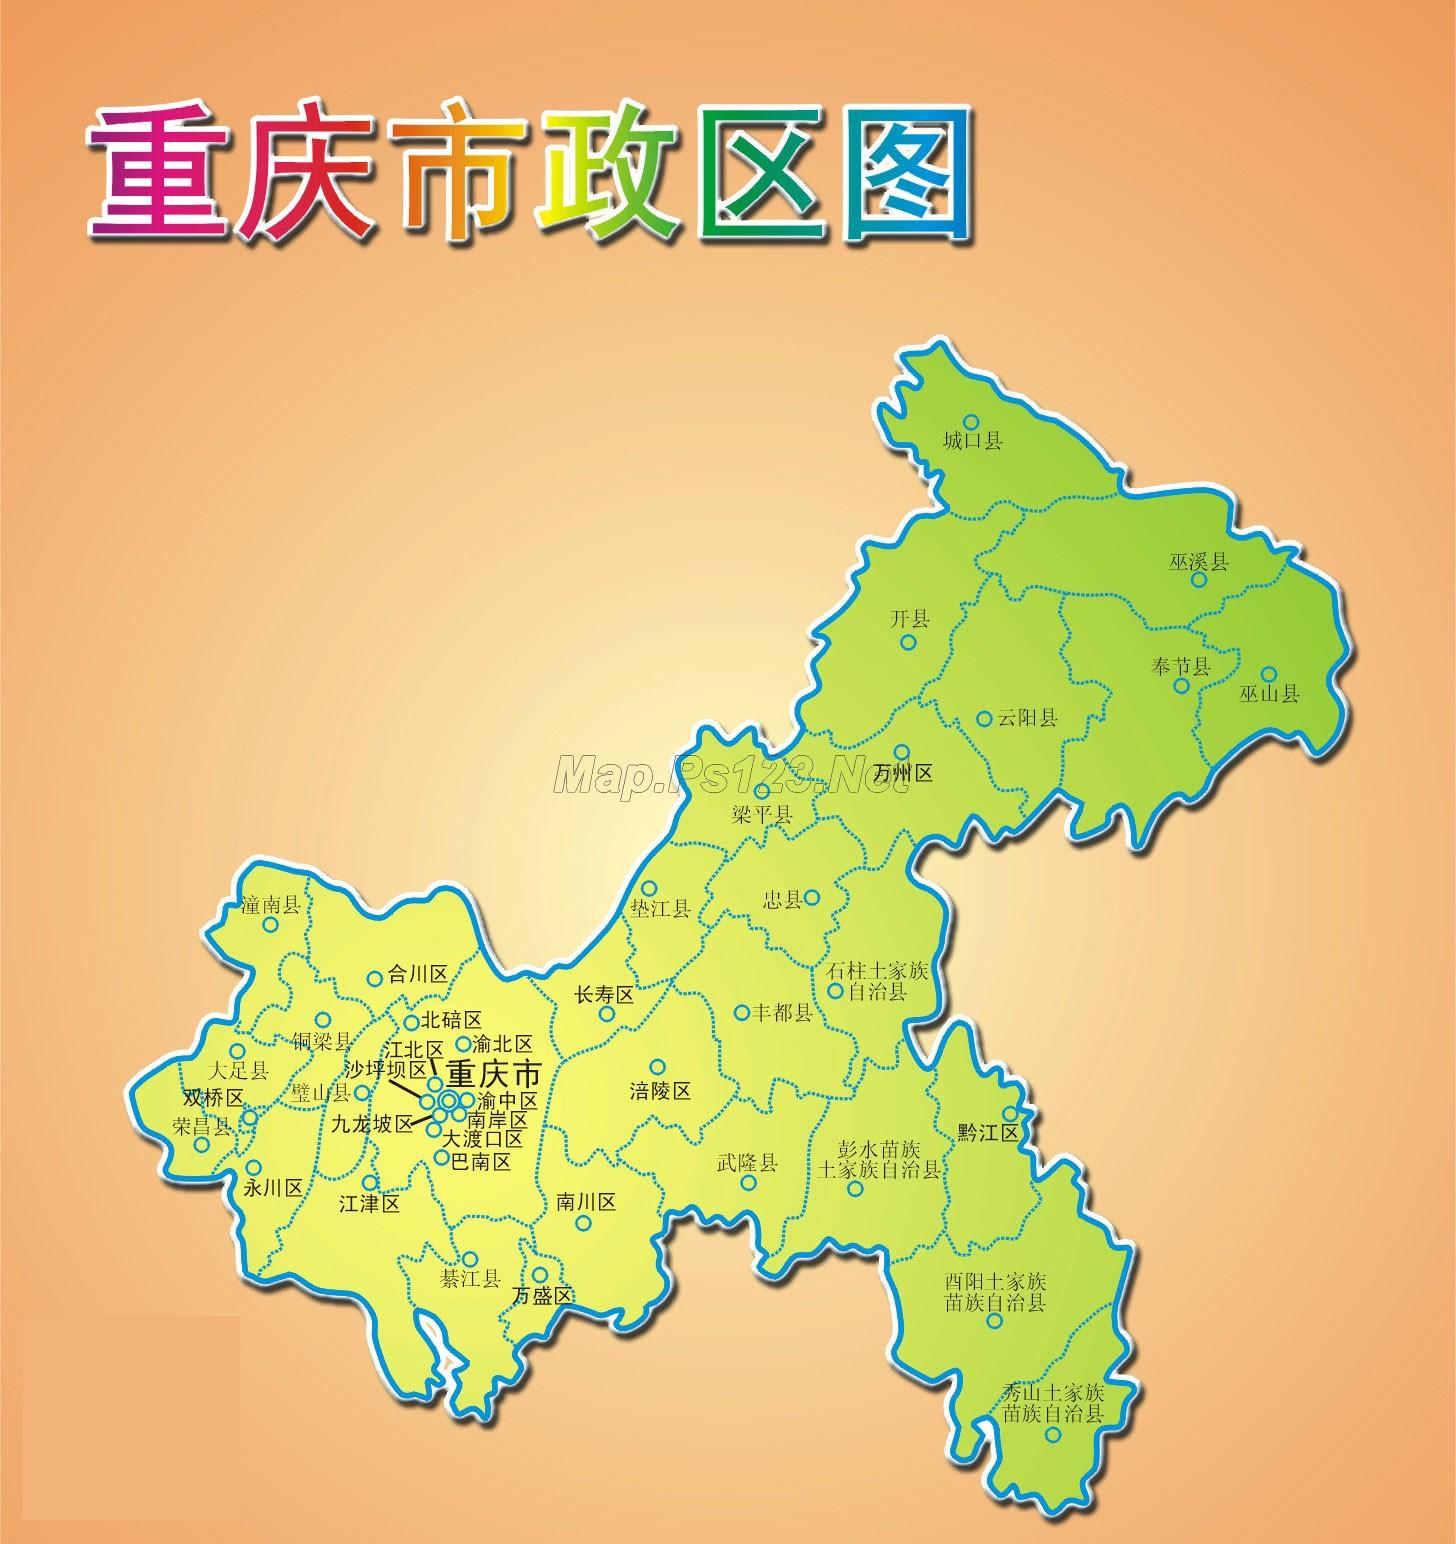 重庆市政区图,重庆行政区划图